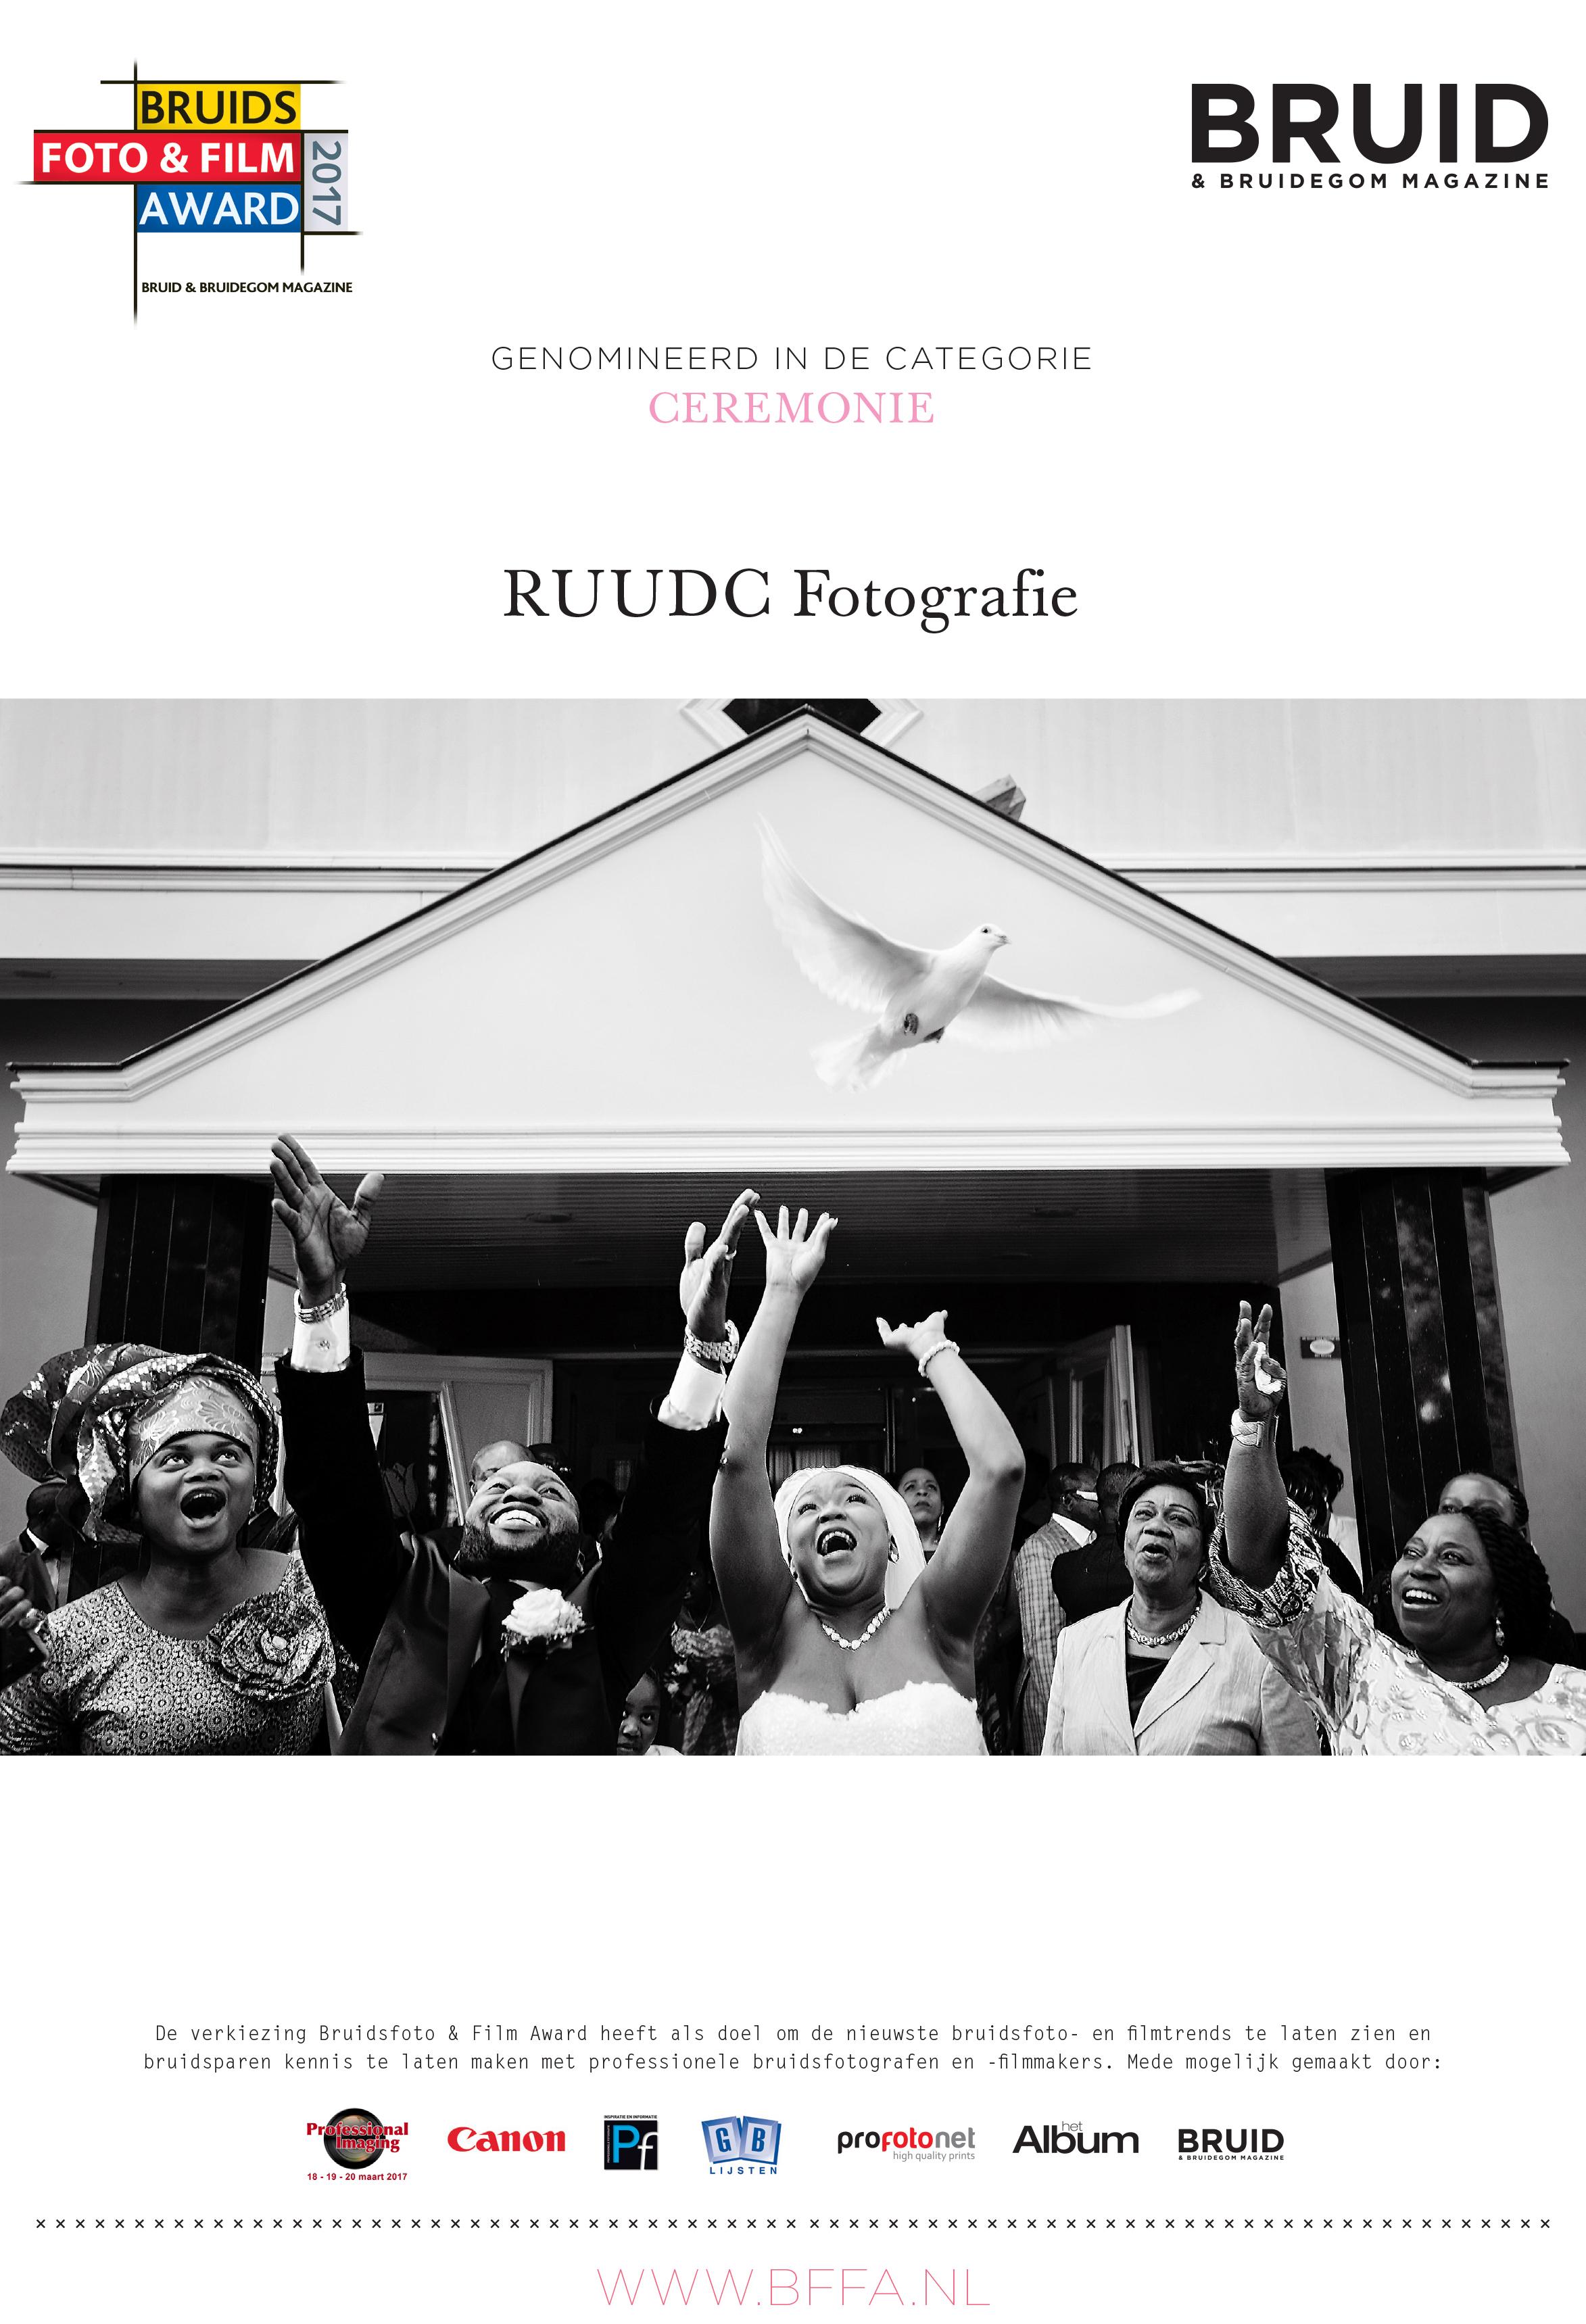 RUUDC Fotografie, RUUDC, BFFA oorkondes 2017 Ceremonie__RUUDC bruidsfoto award, bruidsfotografie award, bffa, bfa, ruudc, fearless award, masters, masters of dutch wedding photography, trouwfotografie prijs, bruidsfotograaf, bruidsfotografie, roermond, limburg, nederland, hip, trendy, romantiek, romantisch, journalistiek, documentair, bohemian, tarieven, trouwfotograaf, trouwfotografie, bruidsreportage, bruidsreportages, fotograaf bruiloft, fotograaf bruiloften, bruidsfotograaf, bruidsfotografie, hip, trendy, romantiek, journalistiek, bohemian, tarieven, kosten, prijs, prijslijst, destination weddings, trouwen in het buitenland, buitenland, wat kost een bruidsfotograaf, trouwfotograaf, trouwfotografie, fotograaf bruiloft, prijzen, destination weddings, destination wedding fotograaf, fotograaf buitenland, trouwen in het buitenland